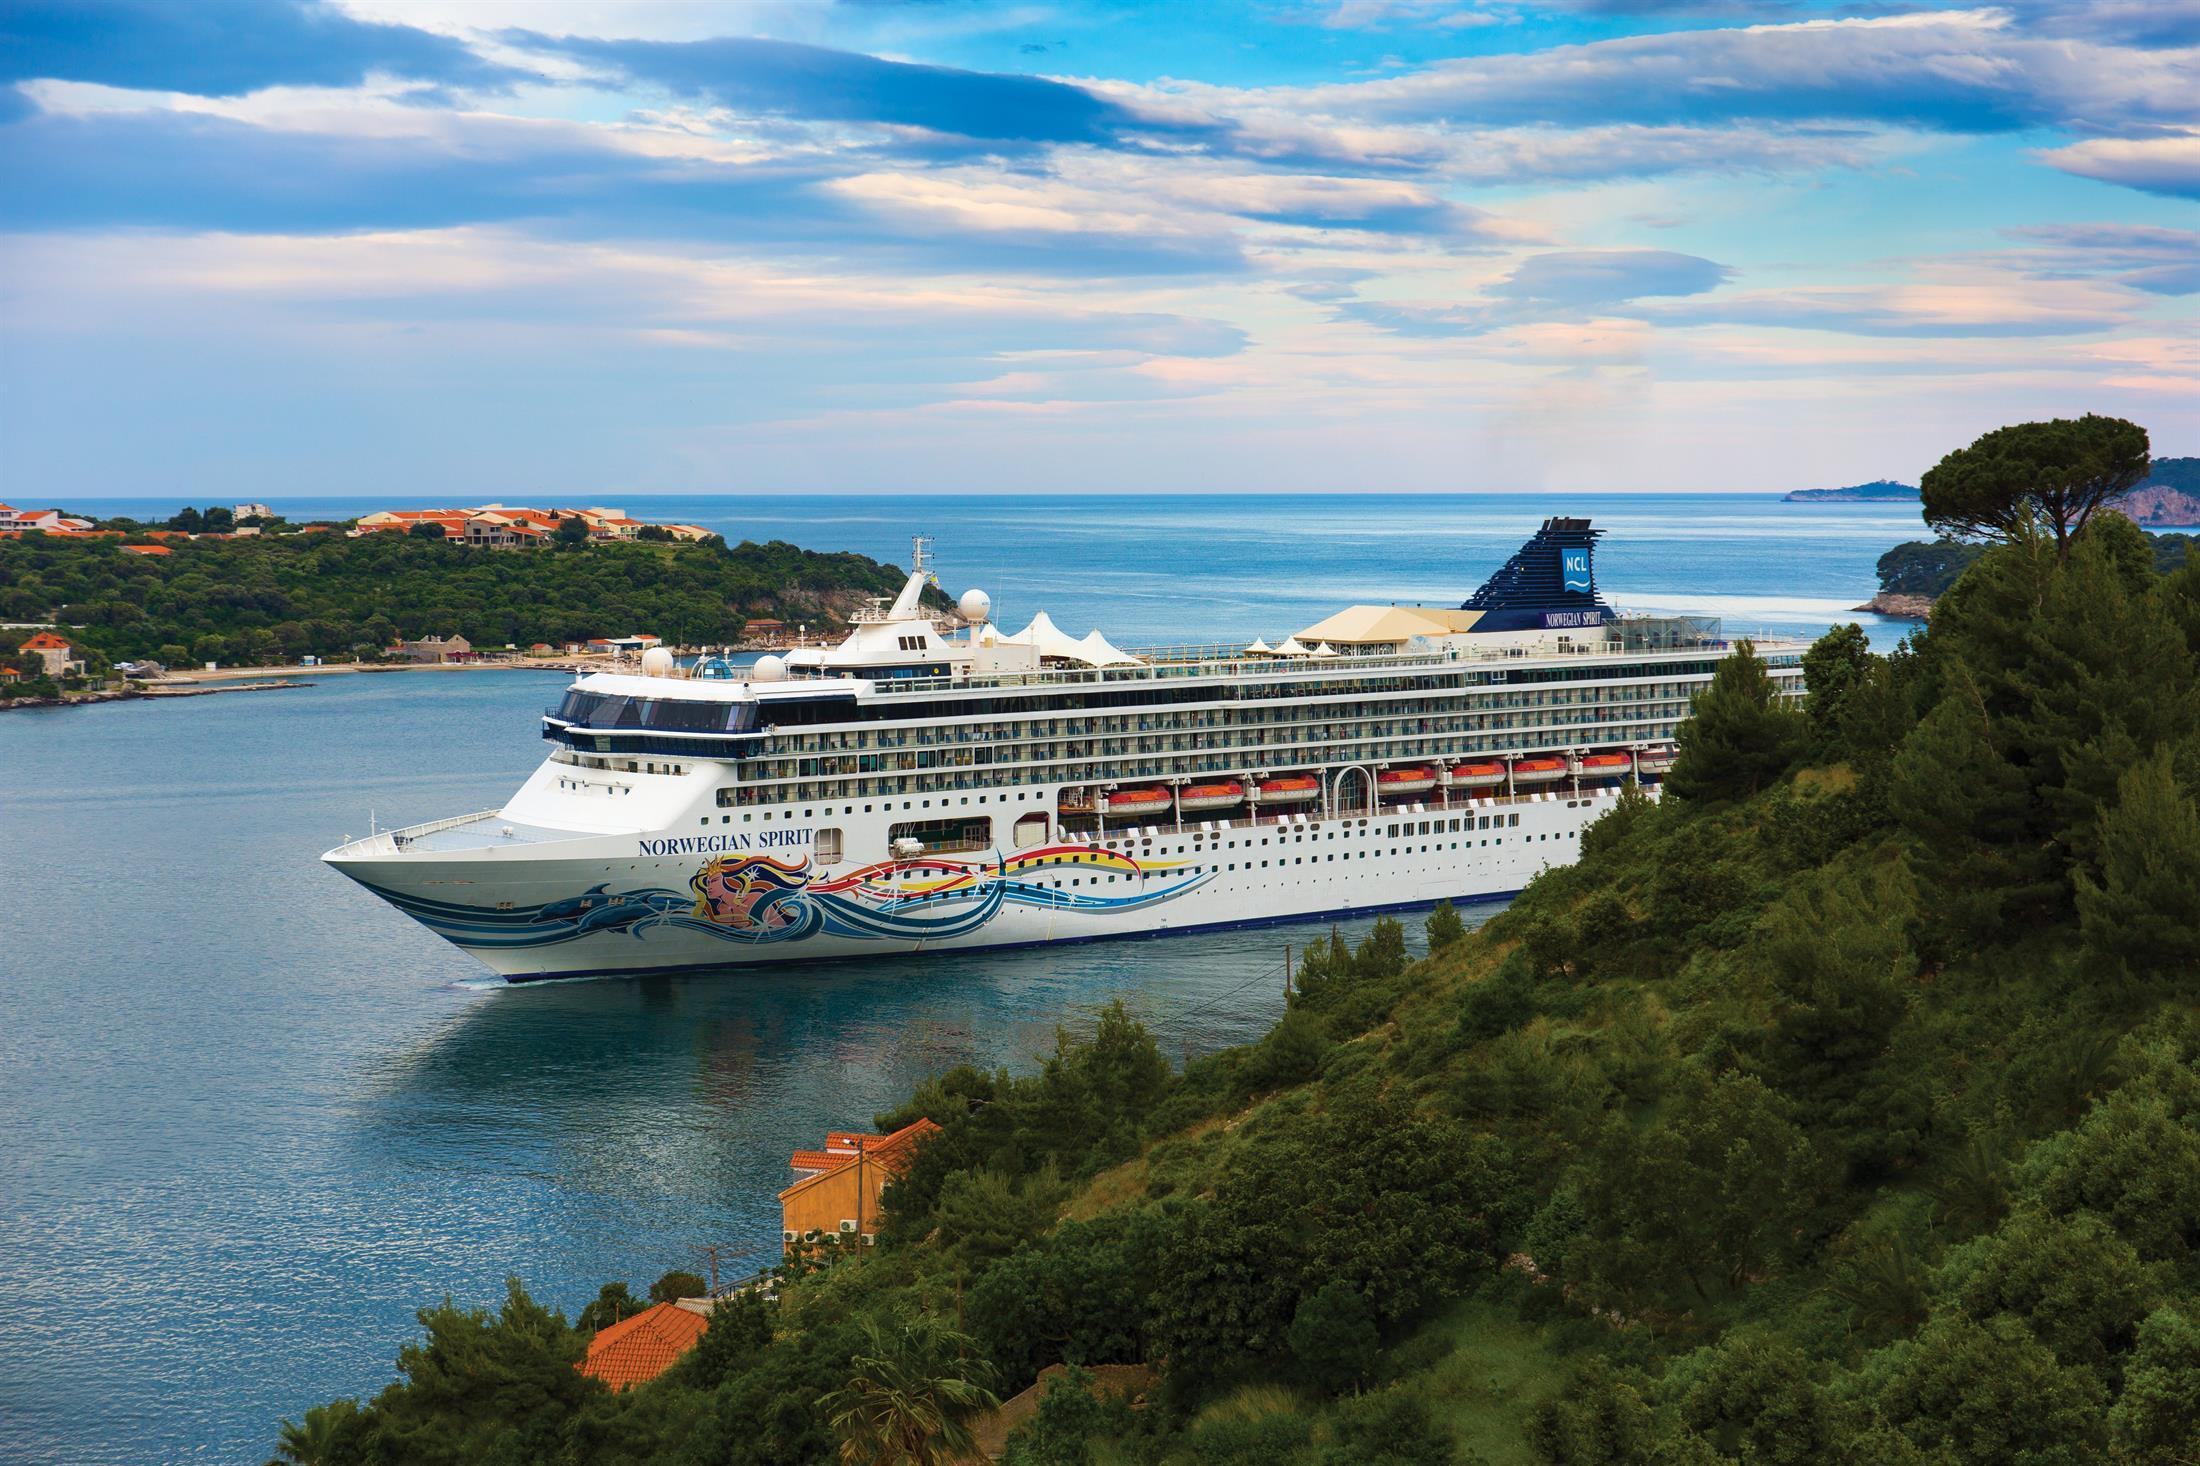 חבילת שייט לים התיכון מאתונה | אפריל - אוקטובר | החל מ- 950 דולר | 8 ימים | NORWEGIAN SPIRIT